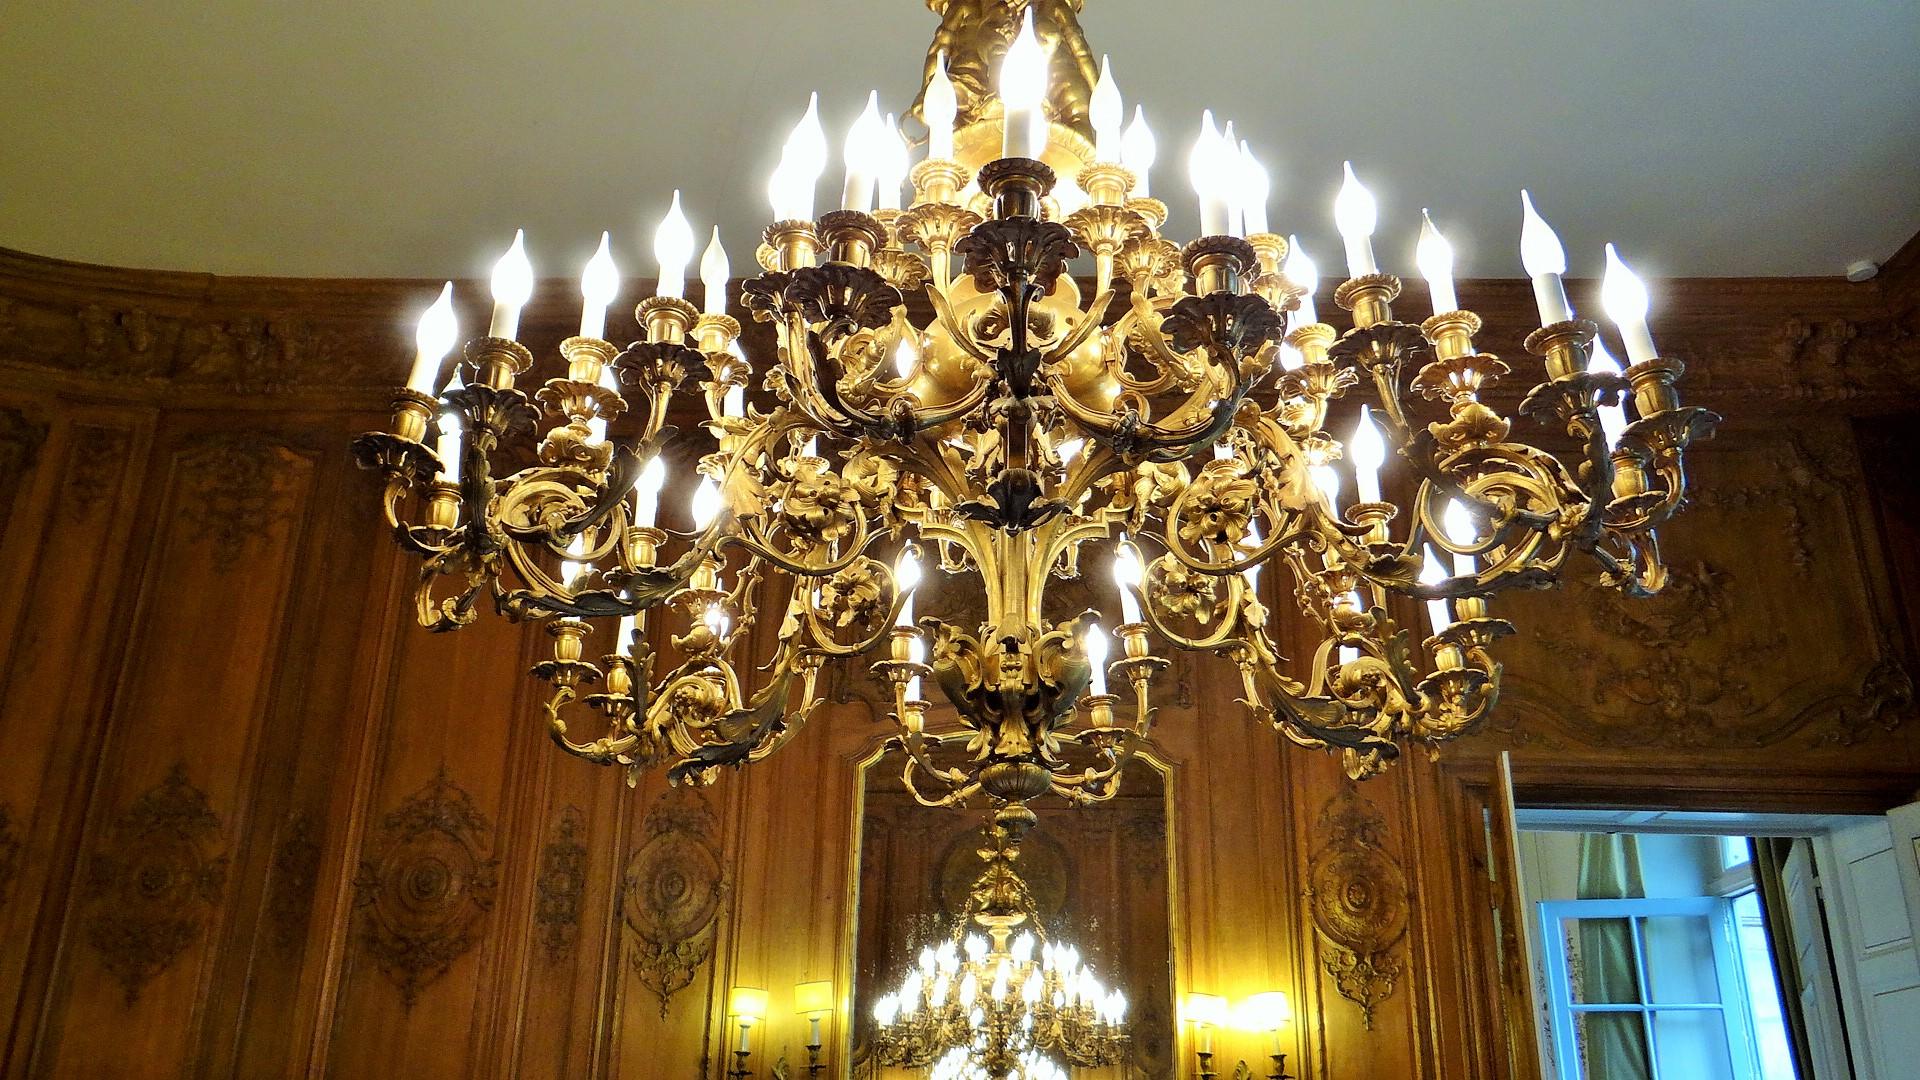 Salle A Manger Paris file:hotel noirmoutier paris lustre salle à manger (3)